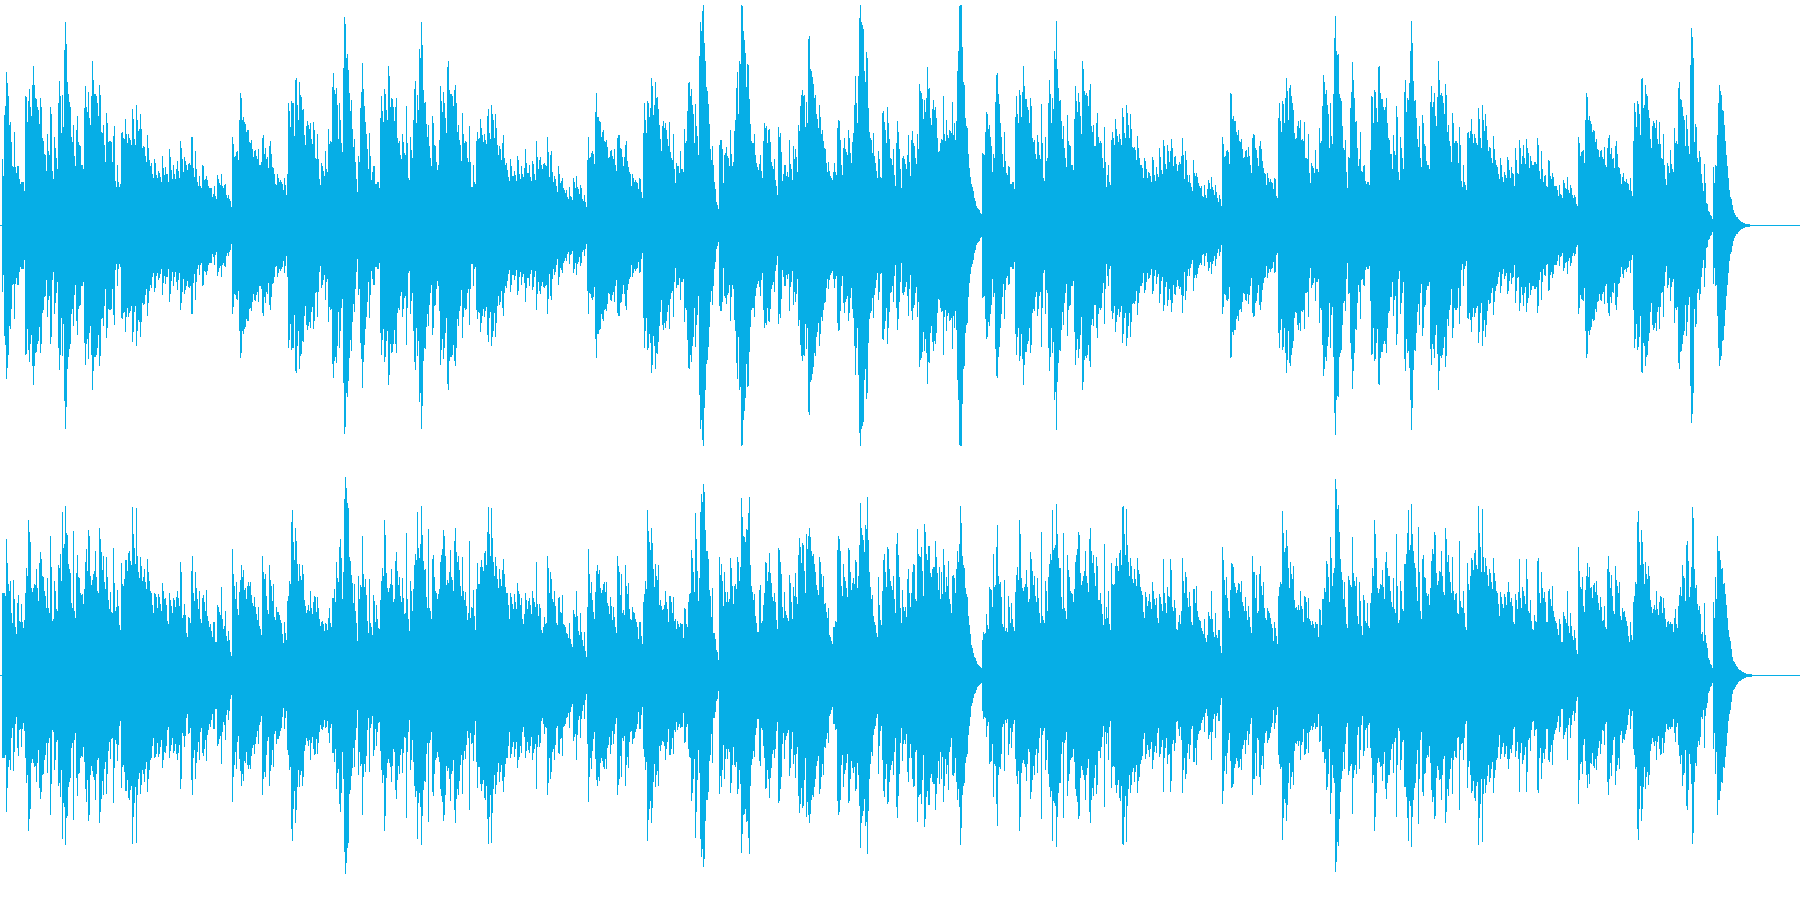 リズミカルで可愛らしいオルゴールの再生済みの波形